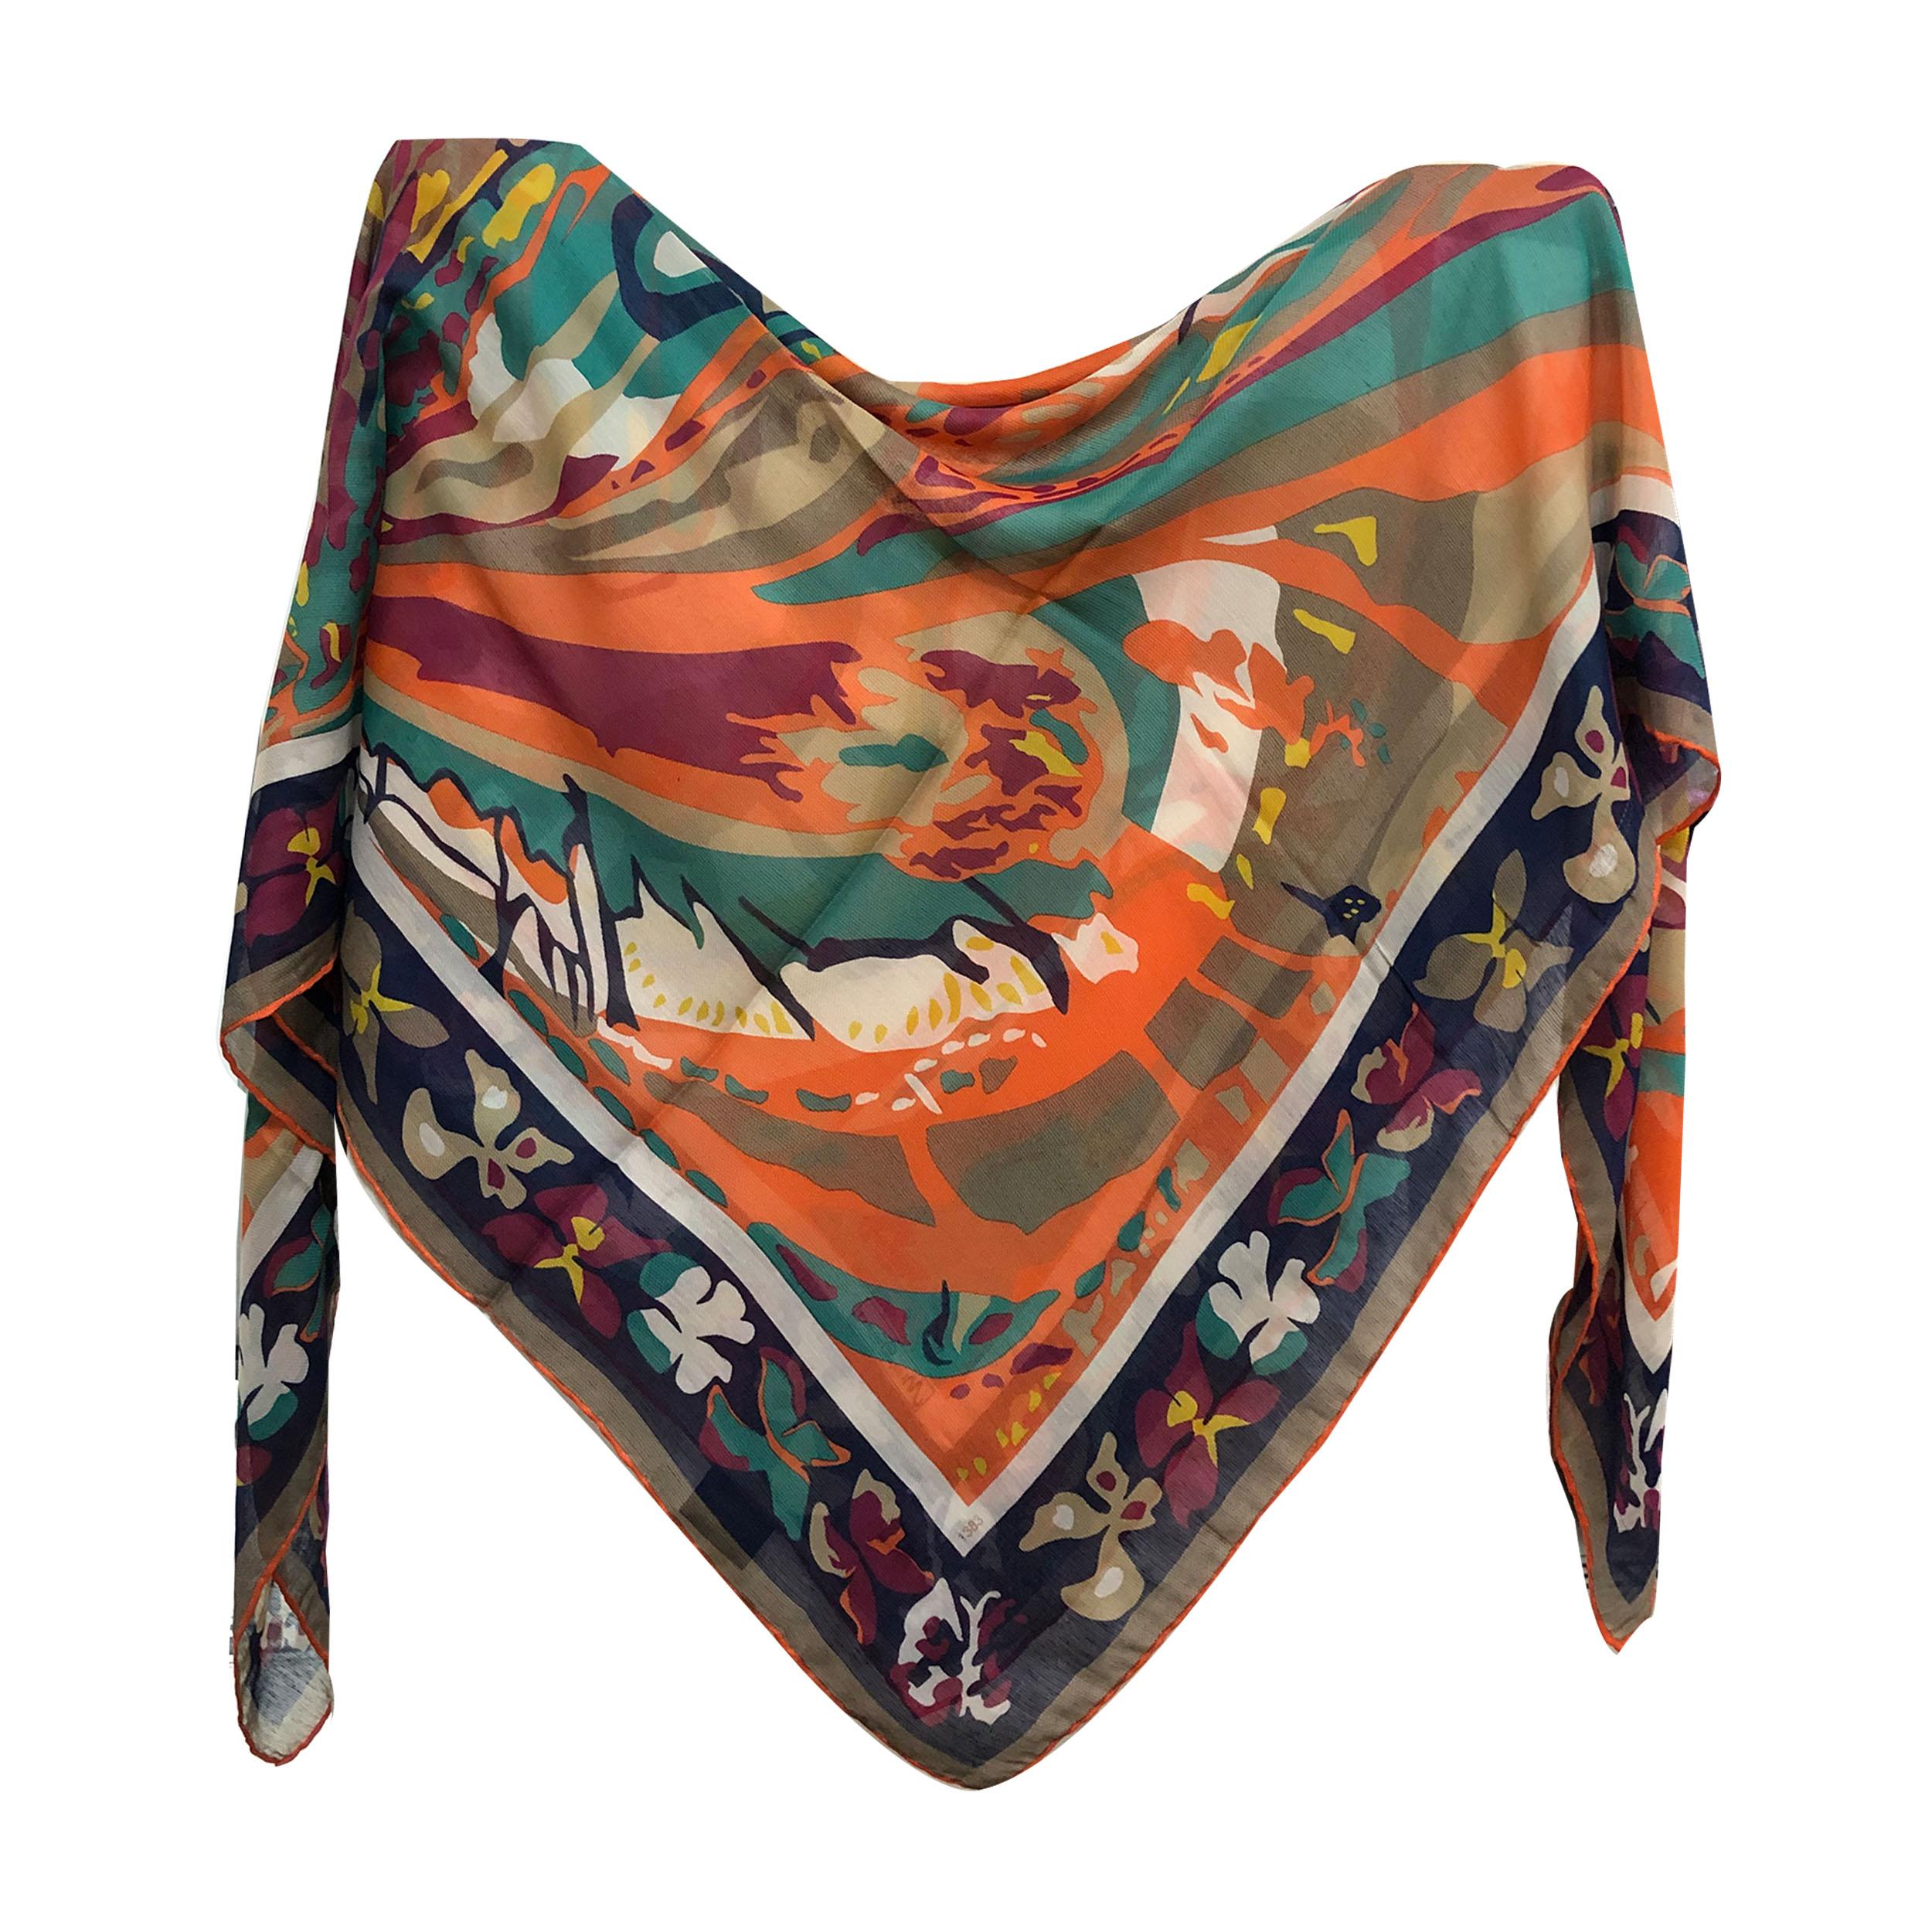 روسری زنانه شاین میس اسمارت دست دوز کد 1341 مدل 07